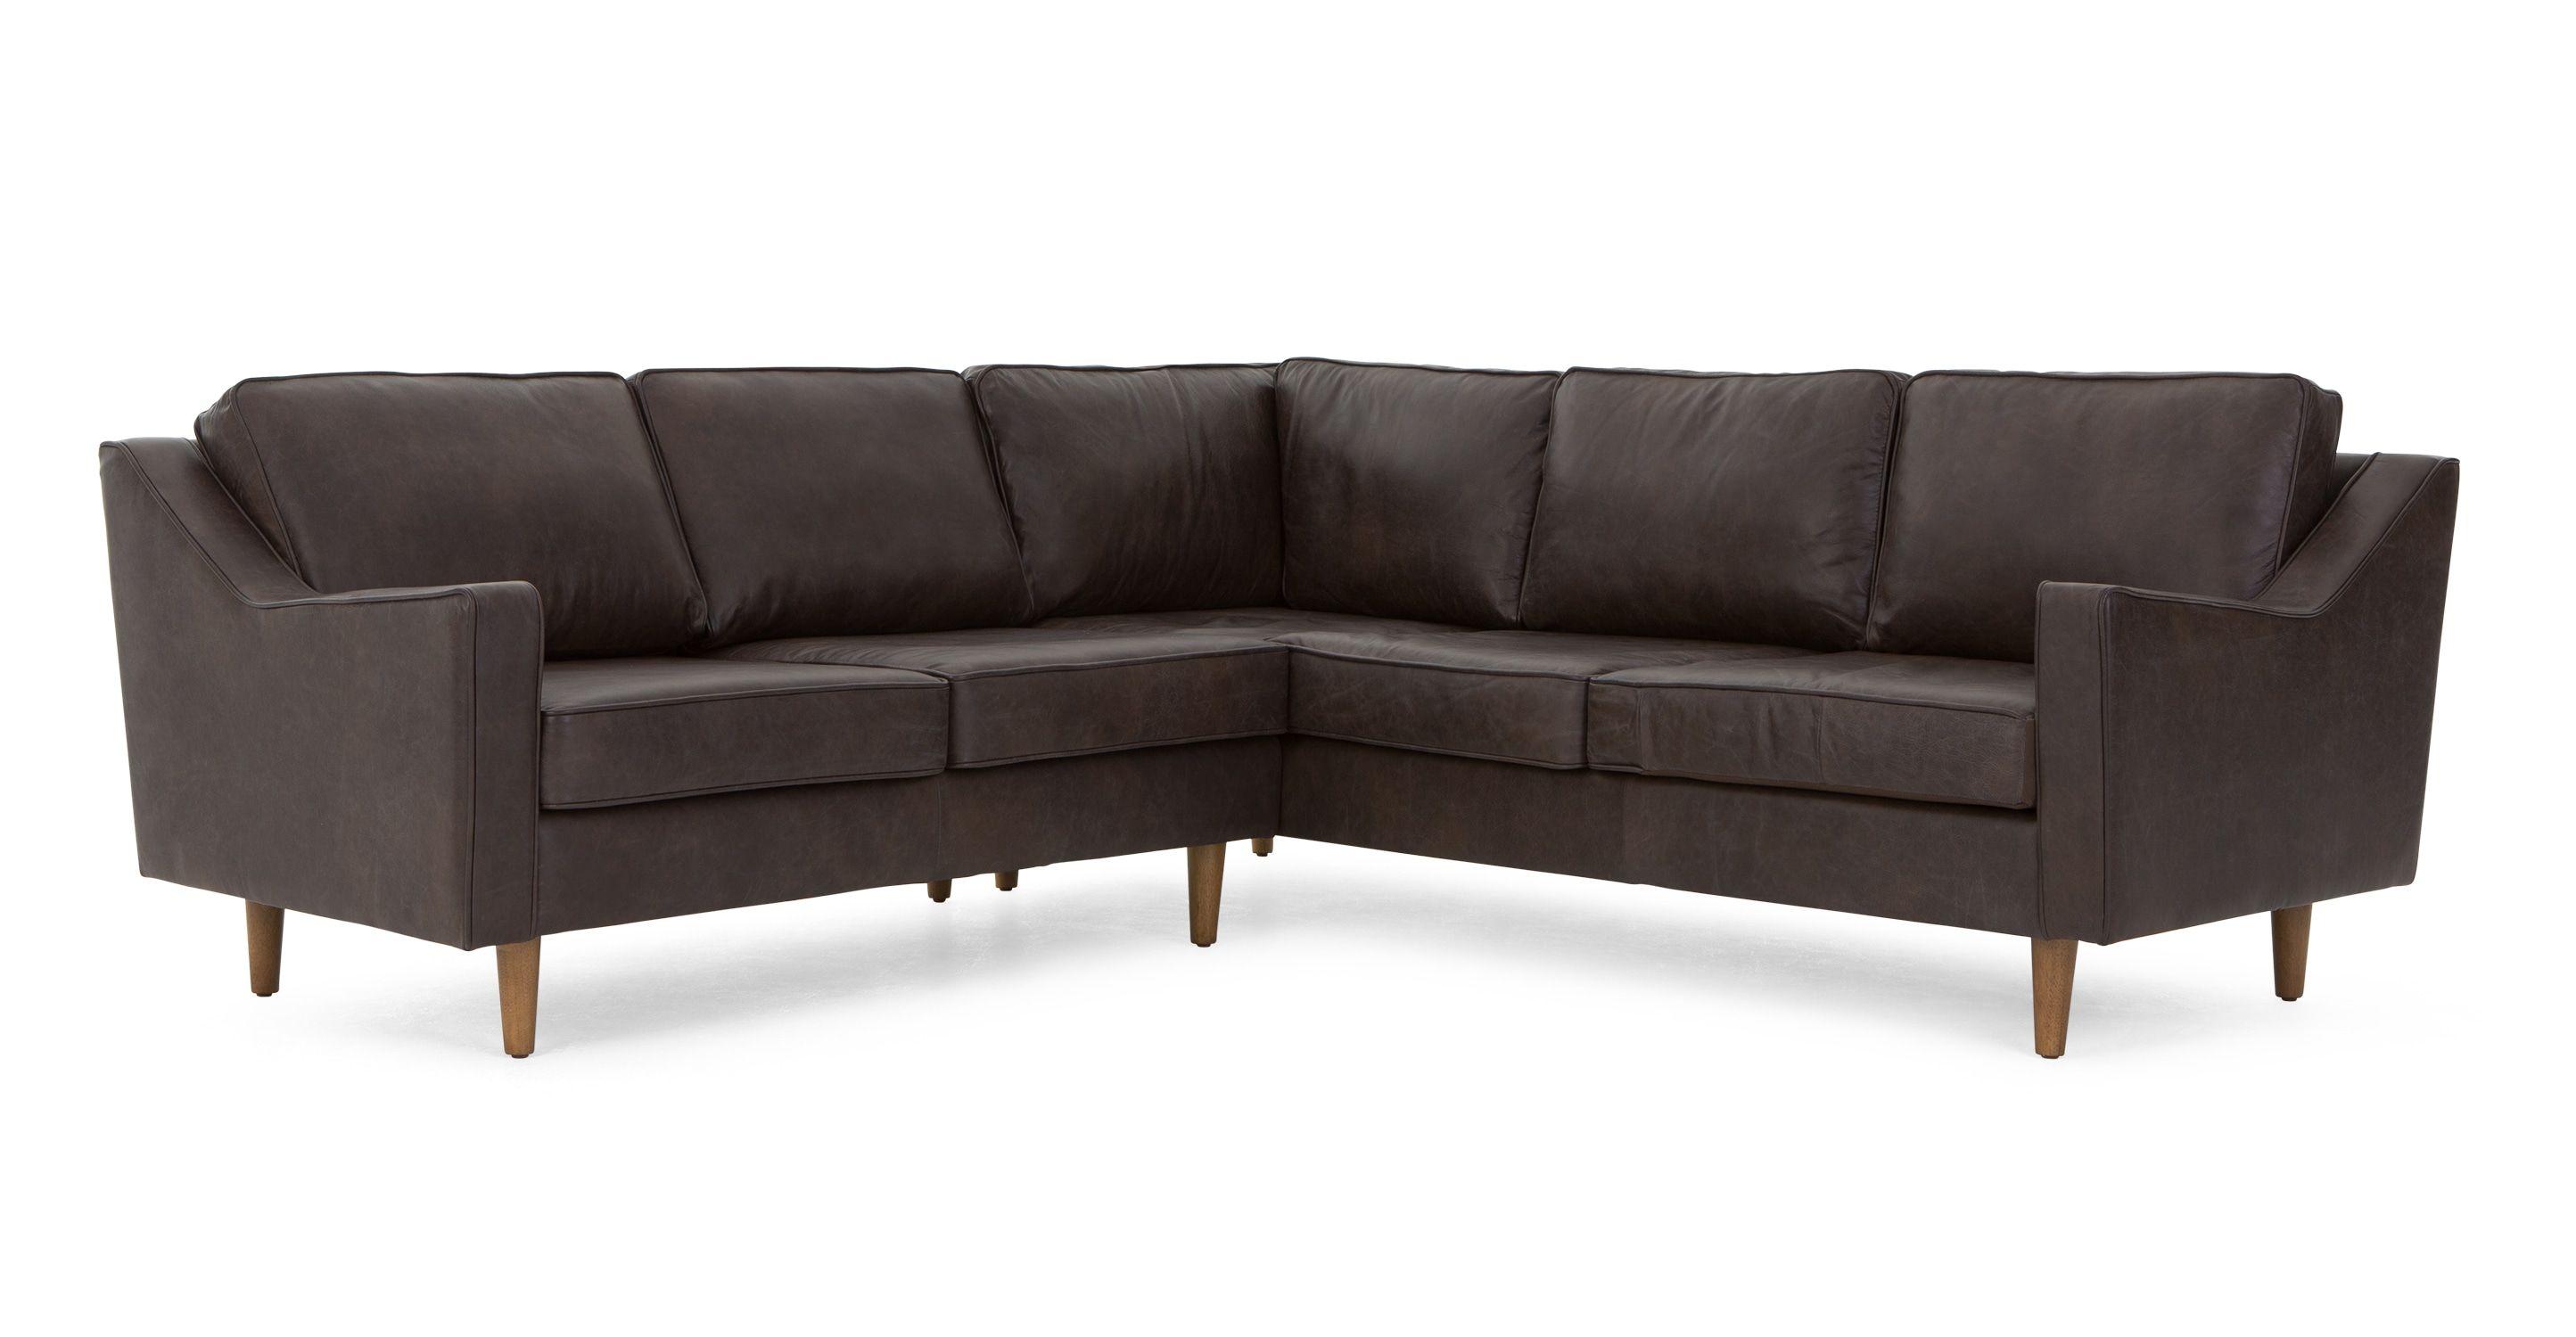 Wohnzimmer sofa ~ Dallas ecksofa premium leder in oxfordbraun made jetzt